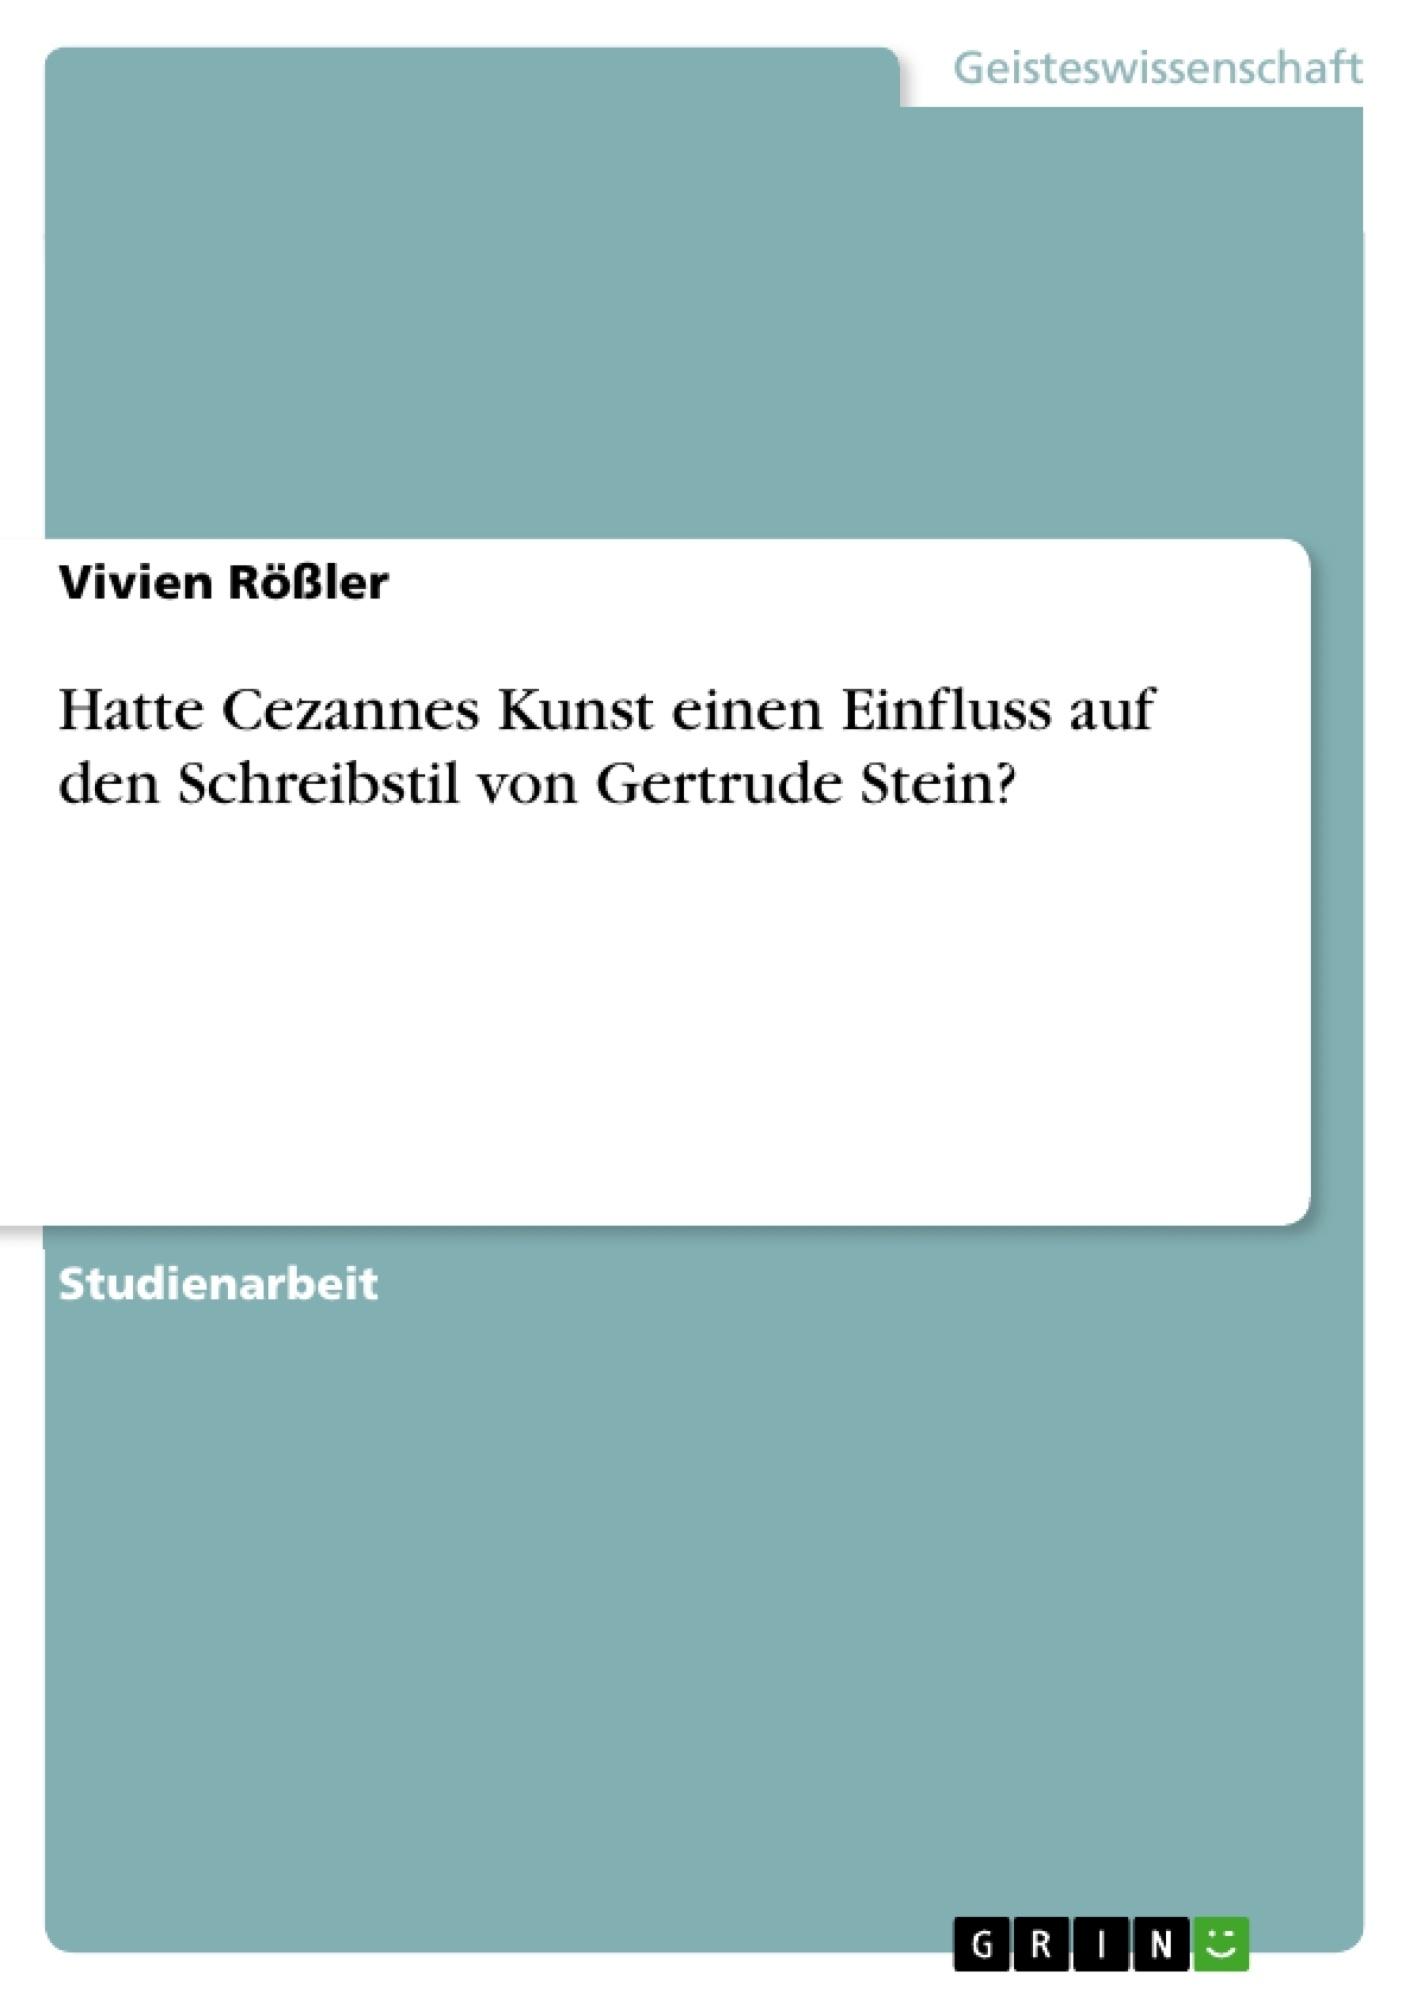 Titel: Hatte Cezannes Kunst einen Einfluss auf den Schreibstil von Gertrude Stein?